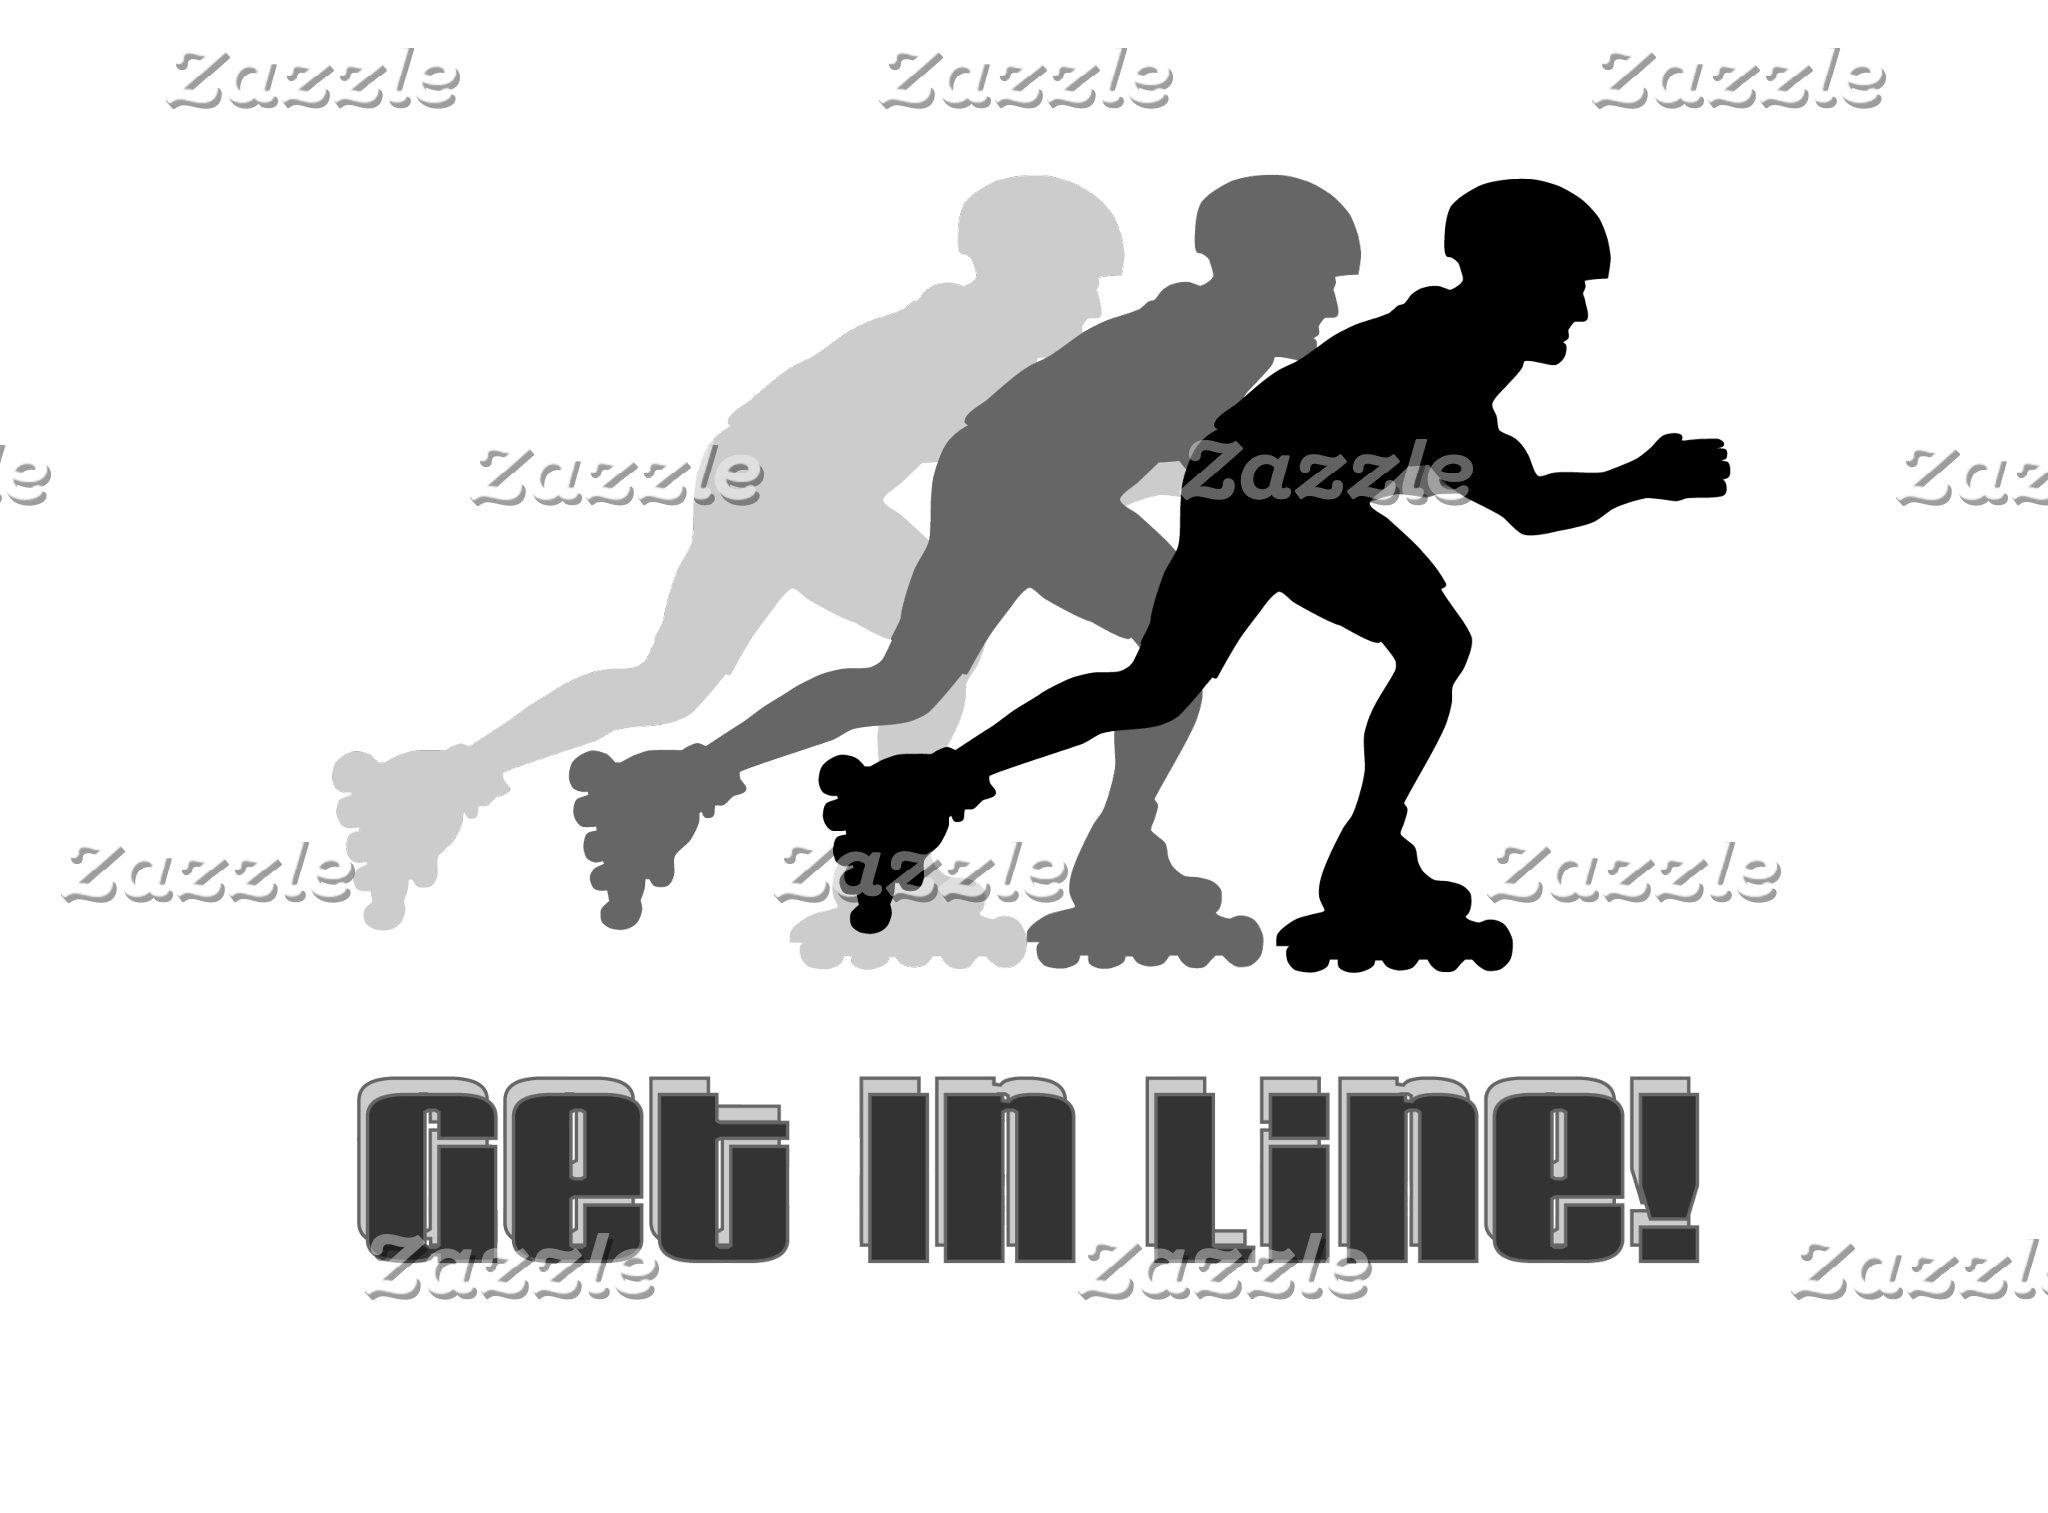 Get in Line